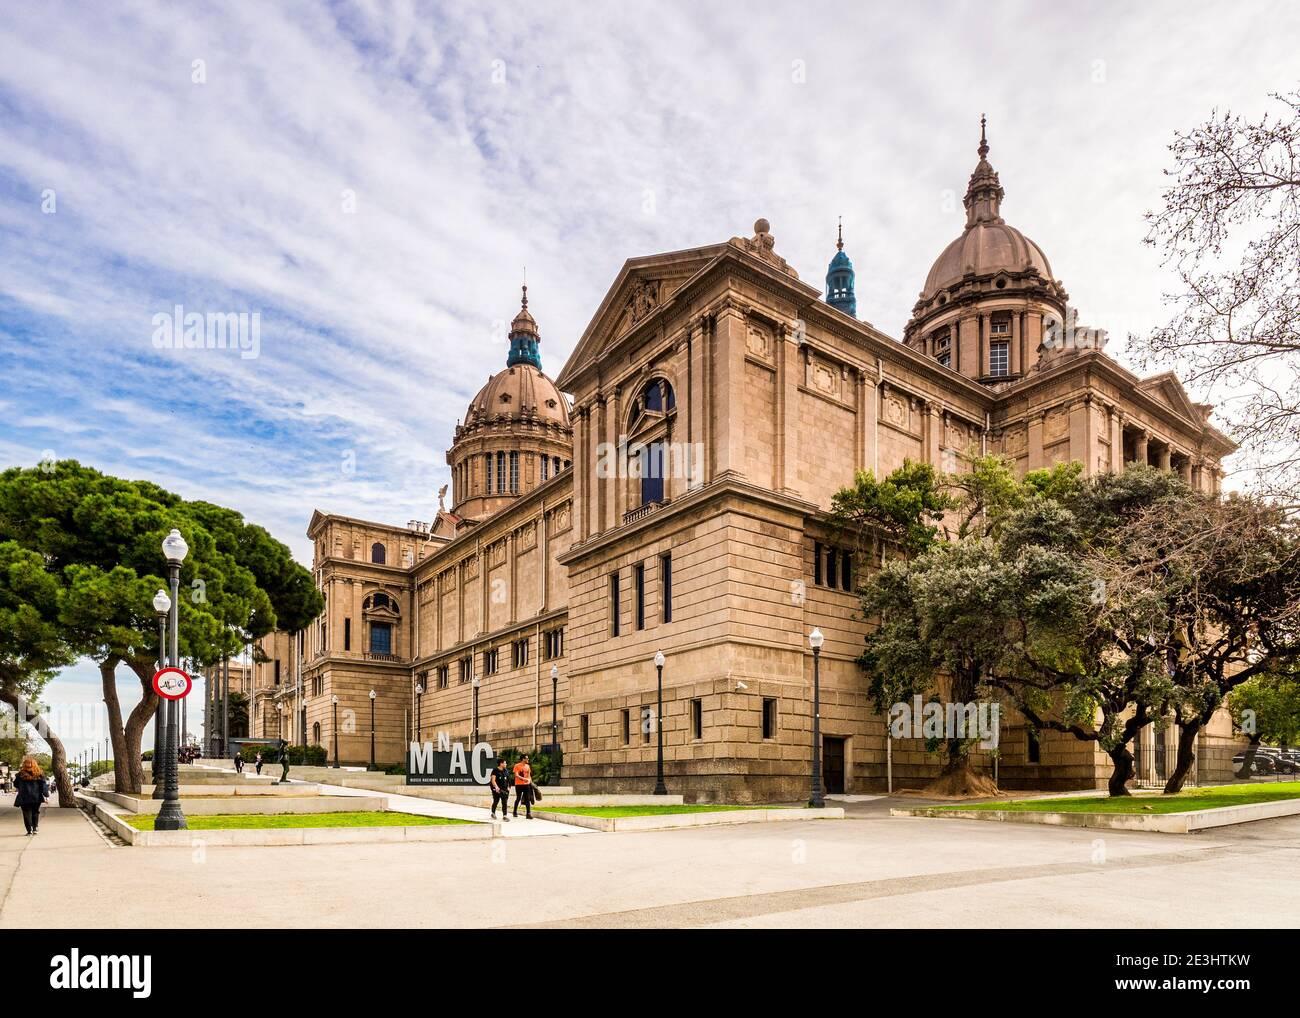 4 de marzo de 2020: Barcelona, España - Museo Nacional de Arte de Cataluña en la colina de Montjuic en Barcelona. Foto de stock